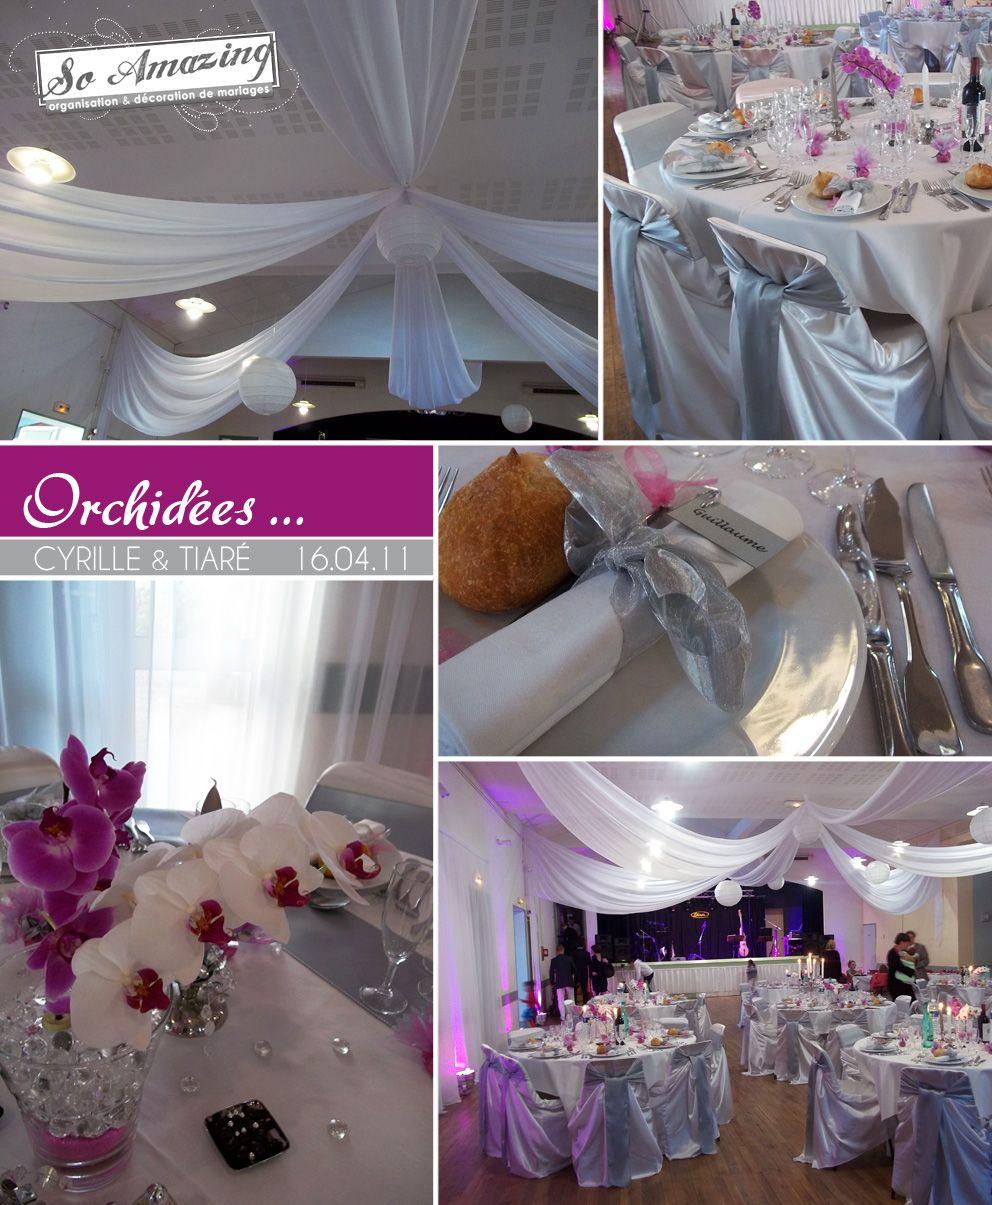 Idées centre de table mariage fleurs orchidées  Rose fushia violet